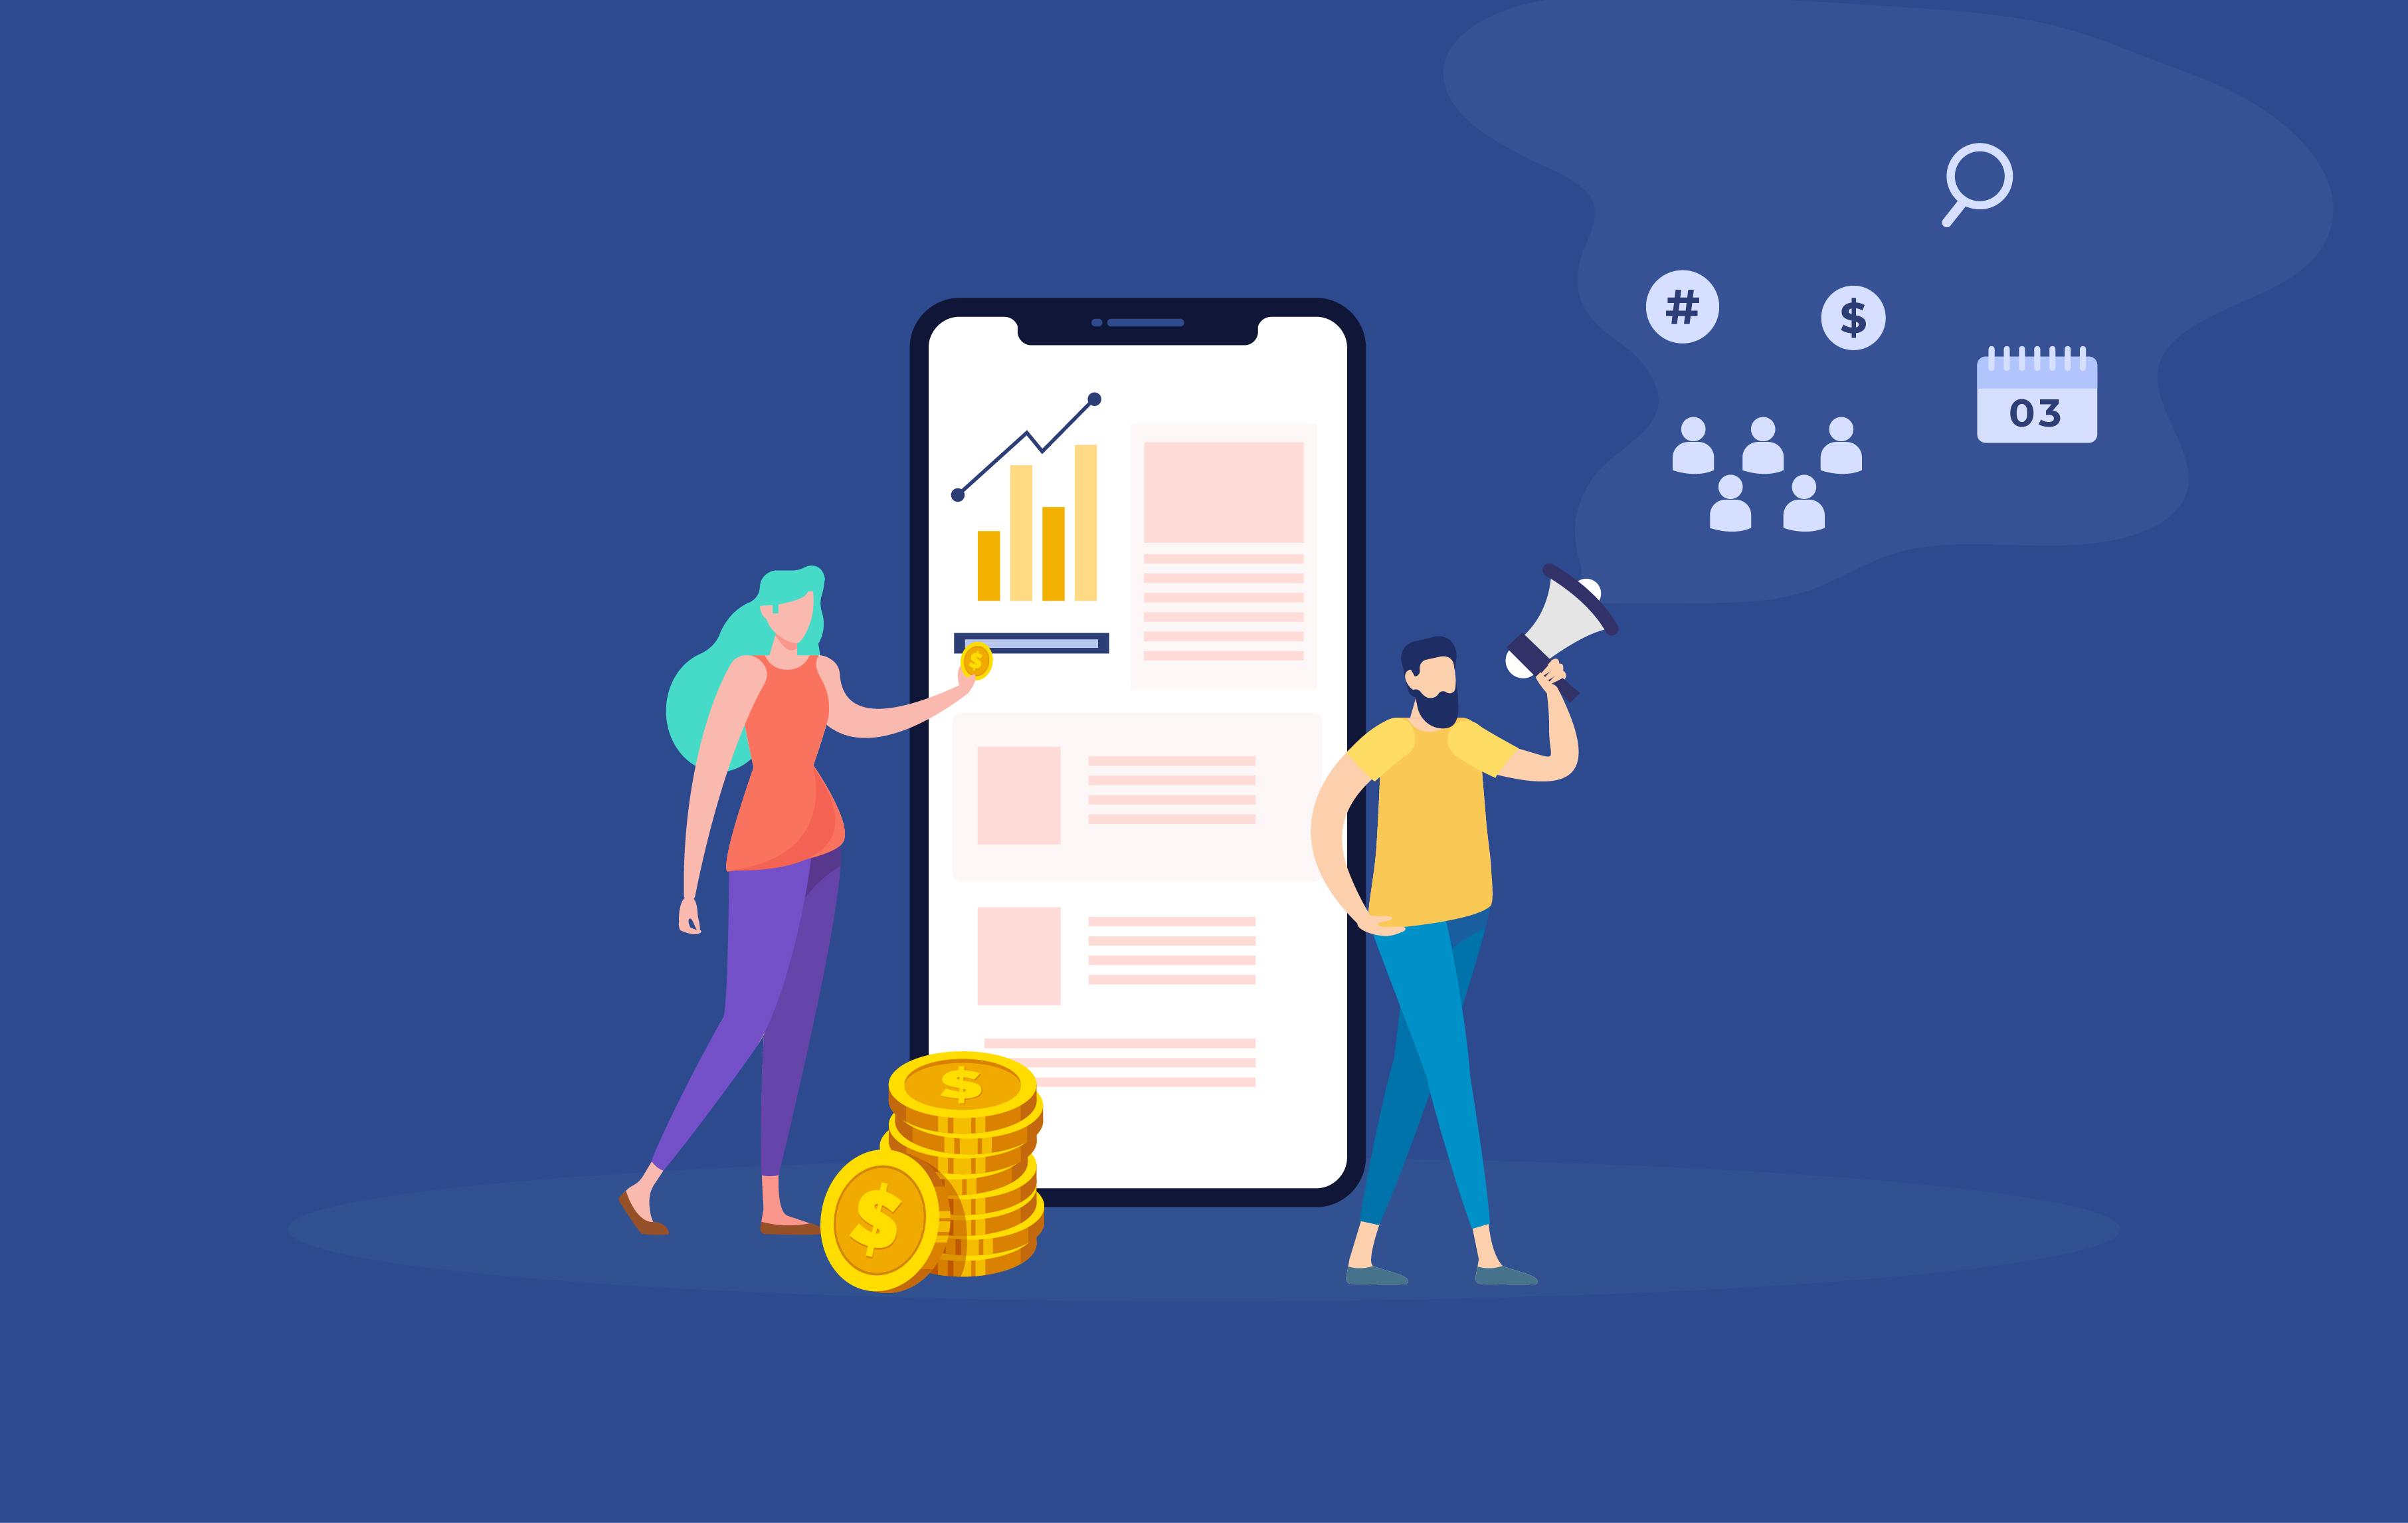 ¿Cómo es importante la marca para el crecimiento de la aplicación?